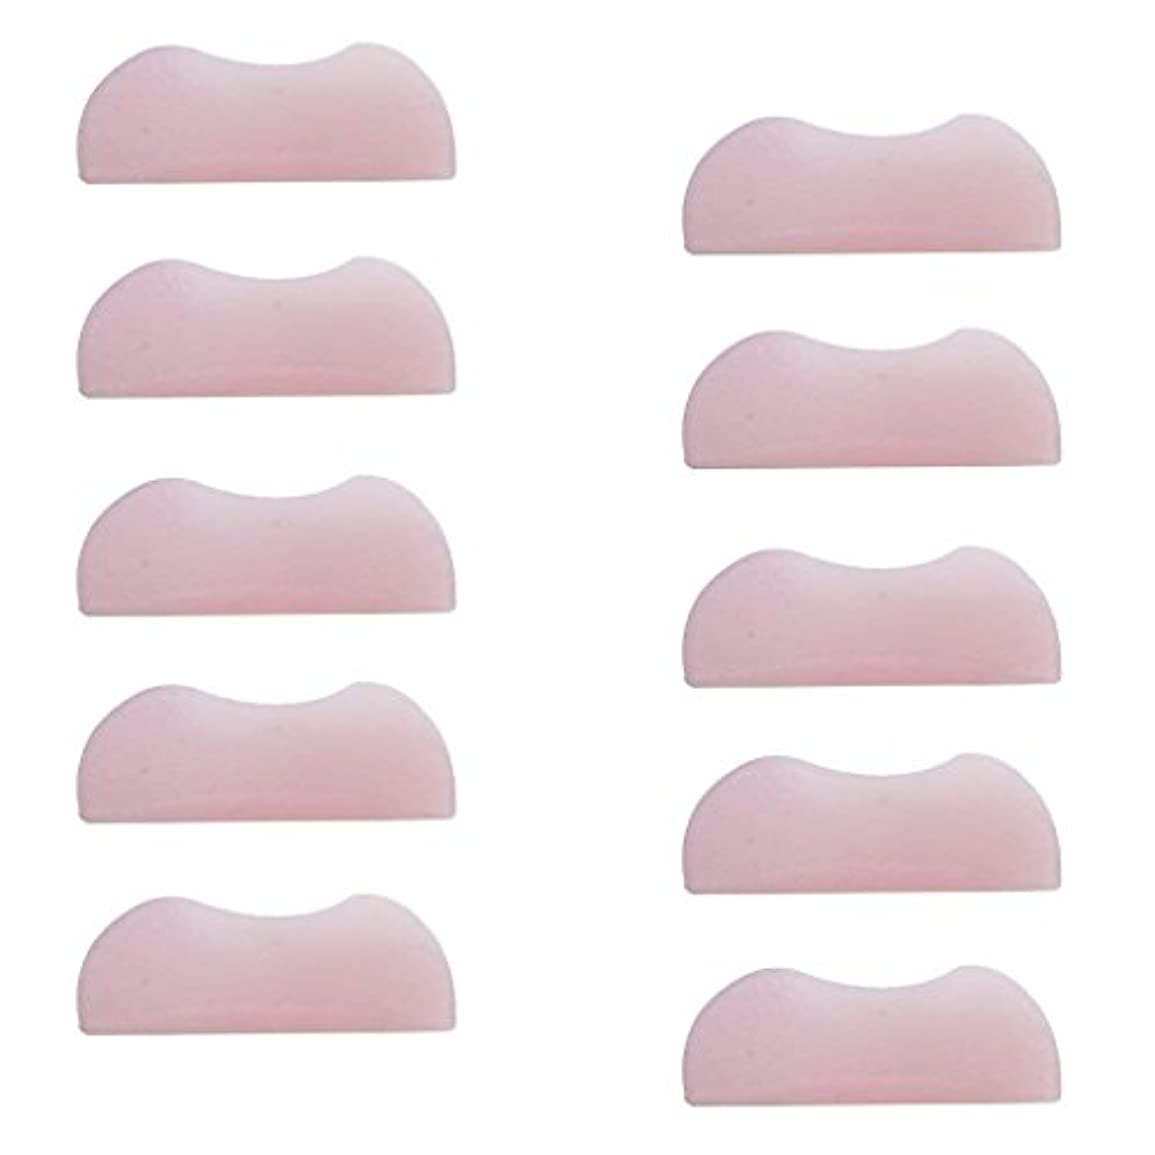 他の場所首尾一貫したシミュレートする5組 シリコンのまつげパッド まつげ美容用のまつげパーツキット